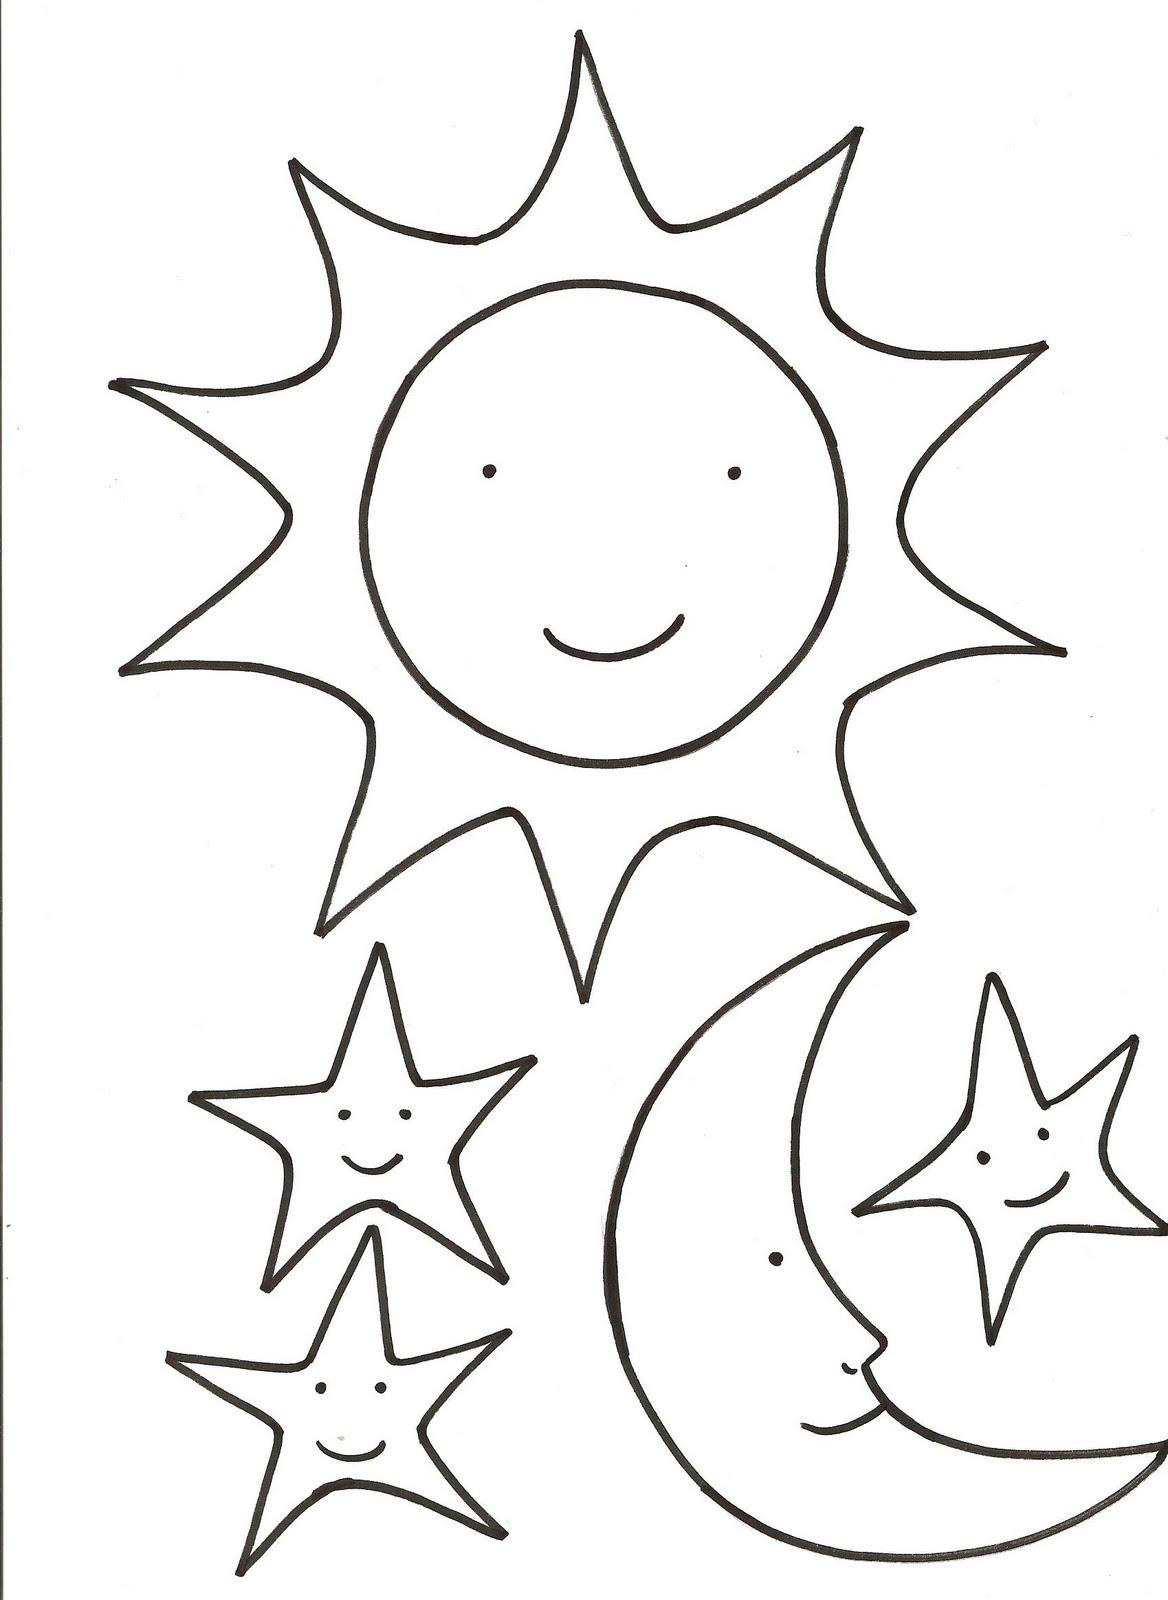 Las chicas del tenderete a tender a tender - Dibujos de lunas infantiles ...